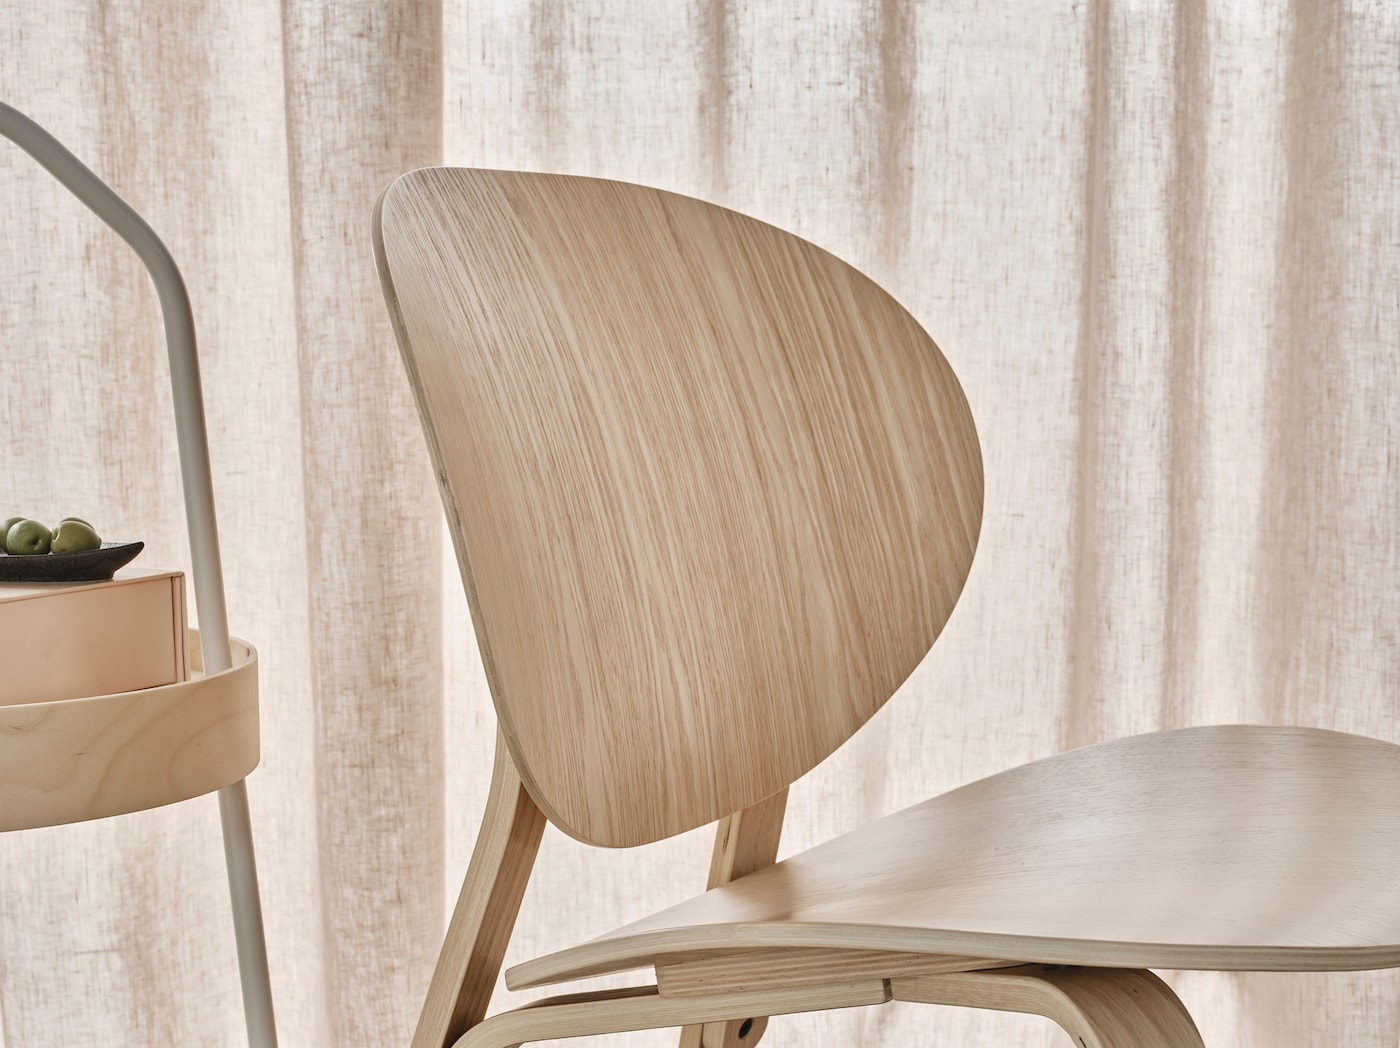 Detalle del sillón FRÖSET en chapa de roble teñido en blanco creado con un diseño escandinavo con líneas estilizadas.